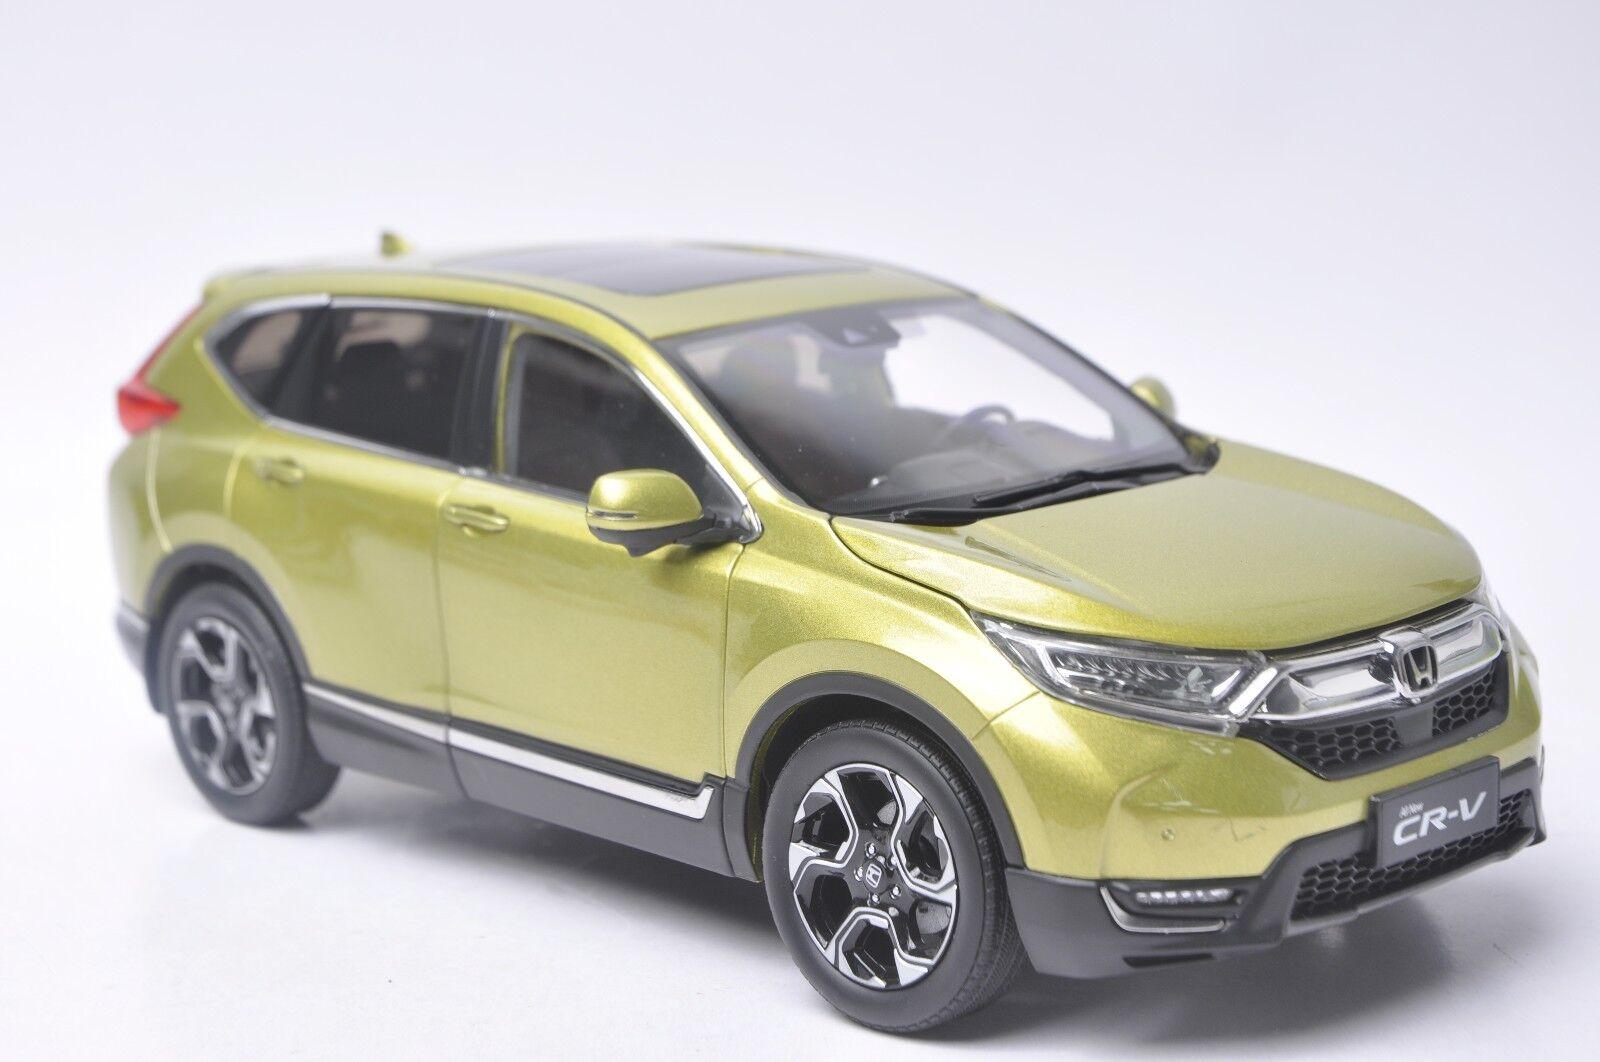 Honda CR-V 2017 SUV model in scale 1:18 giallo